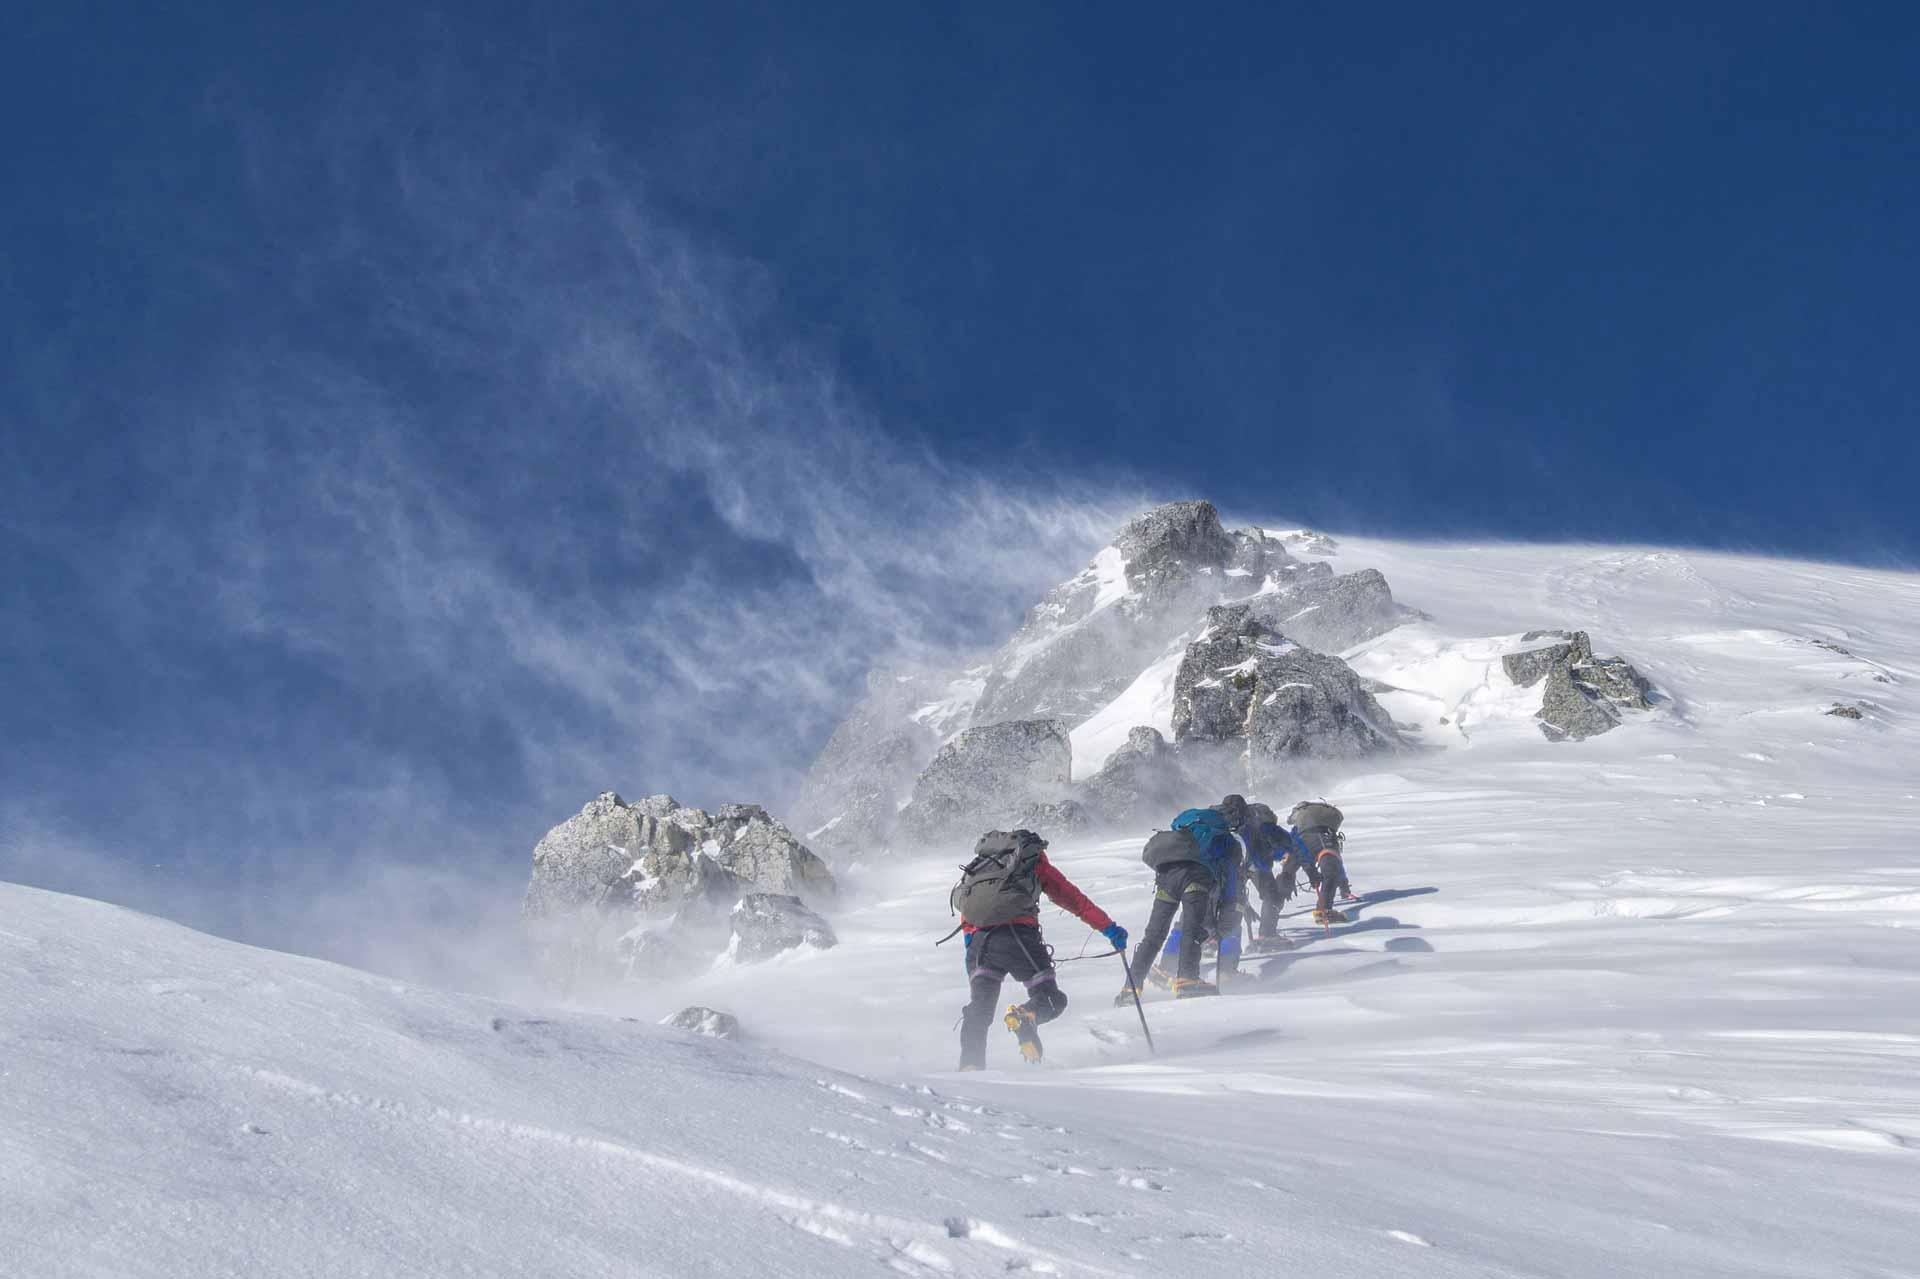 雪山を越える人たち